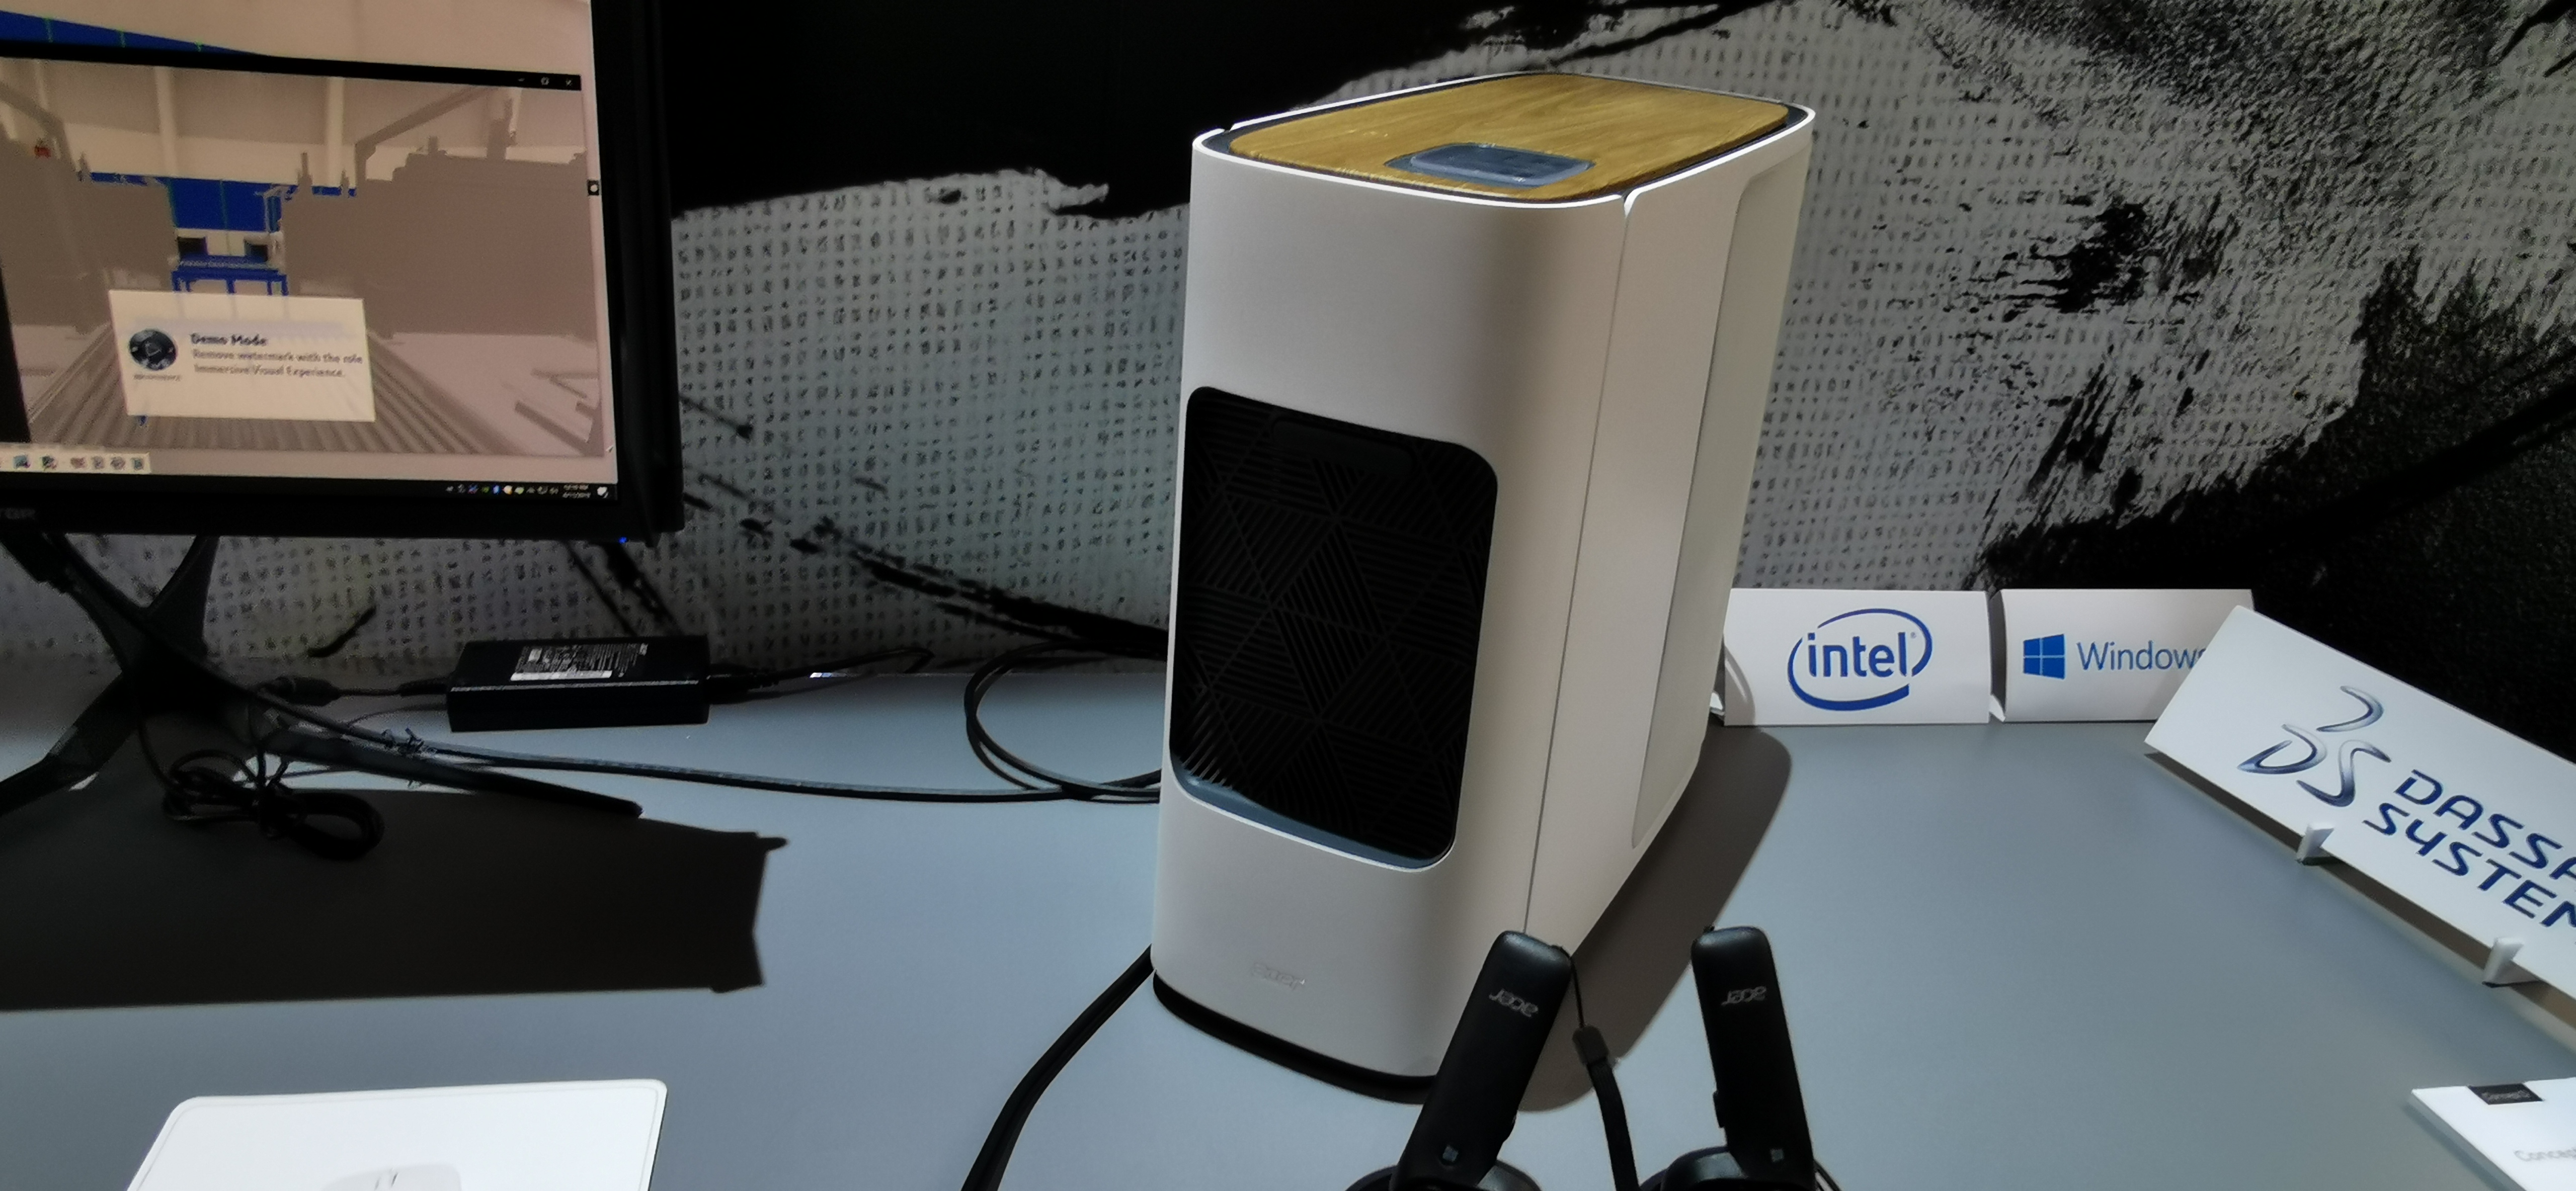 ConceptD-serien sträcker sig från lätta bärbara datorer i (diskret, vit design) till superstarka stationära datorer för 3D-design och filmproduktion. Här är ConceptD 500. Foto: John Alex Hvidlykke, L&B